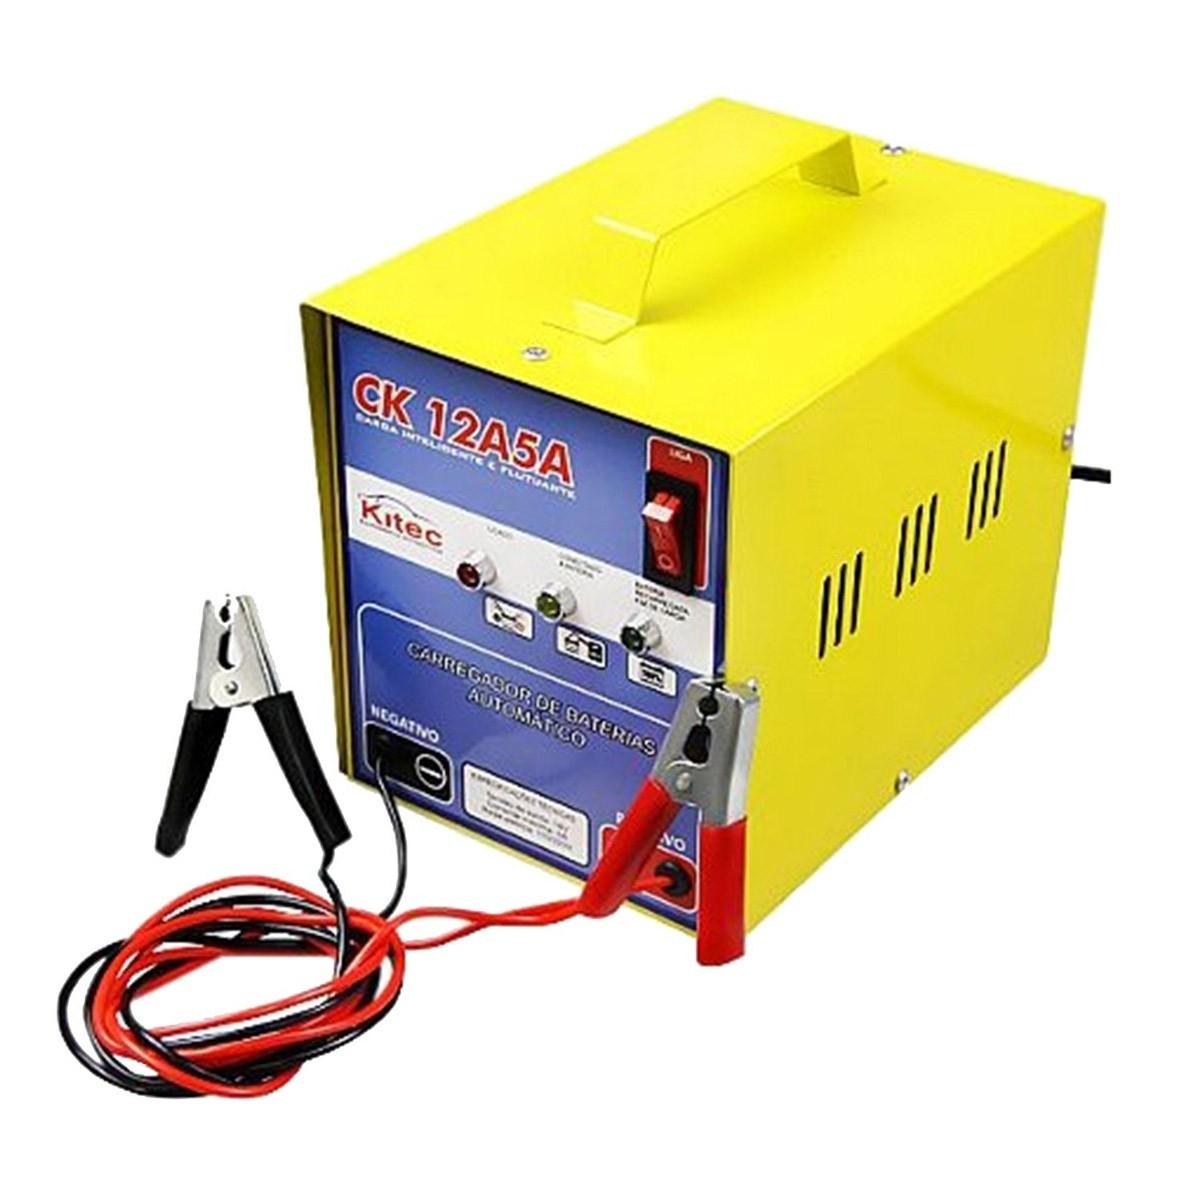 Carregador De Baterias 12v 5amper Ck12a5a C/ Flutuação 8103